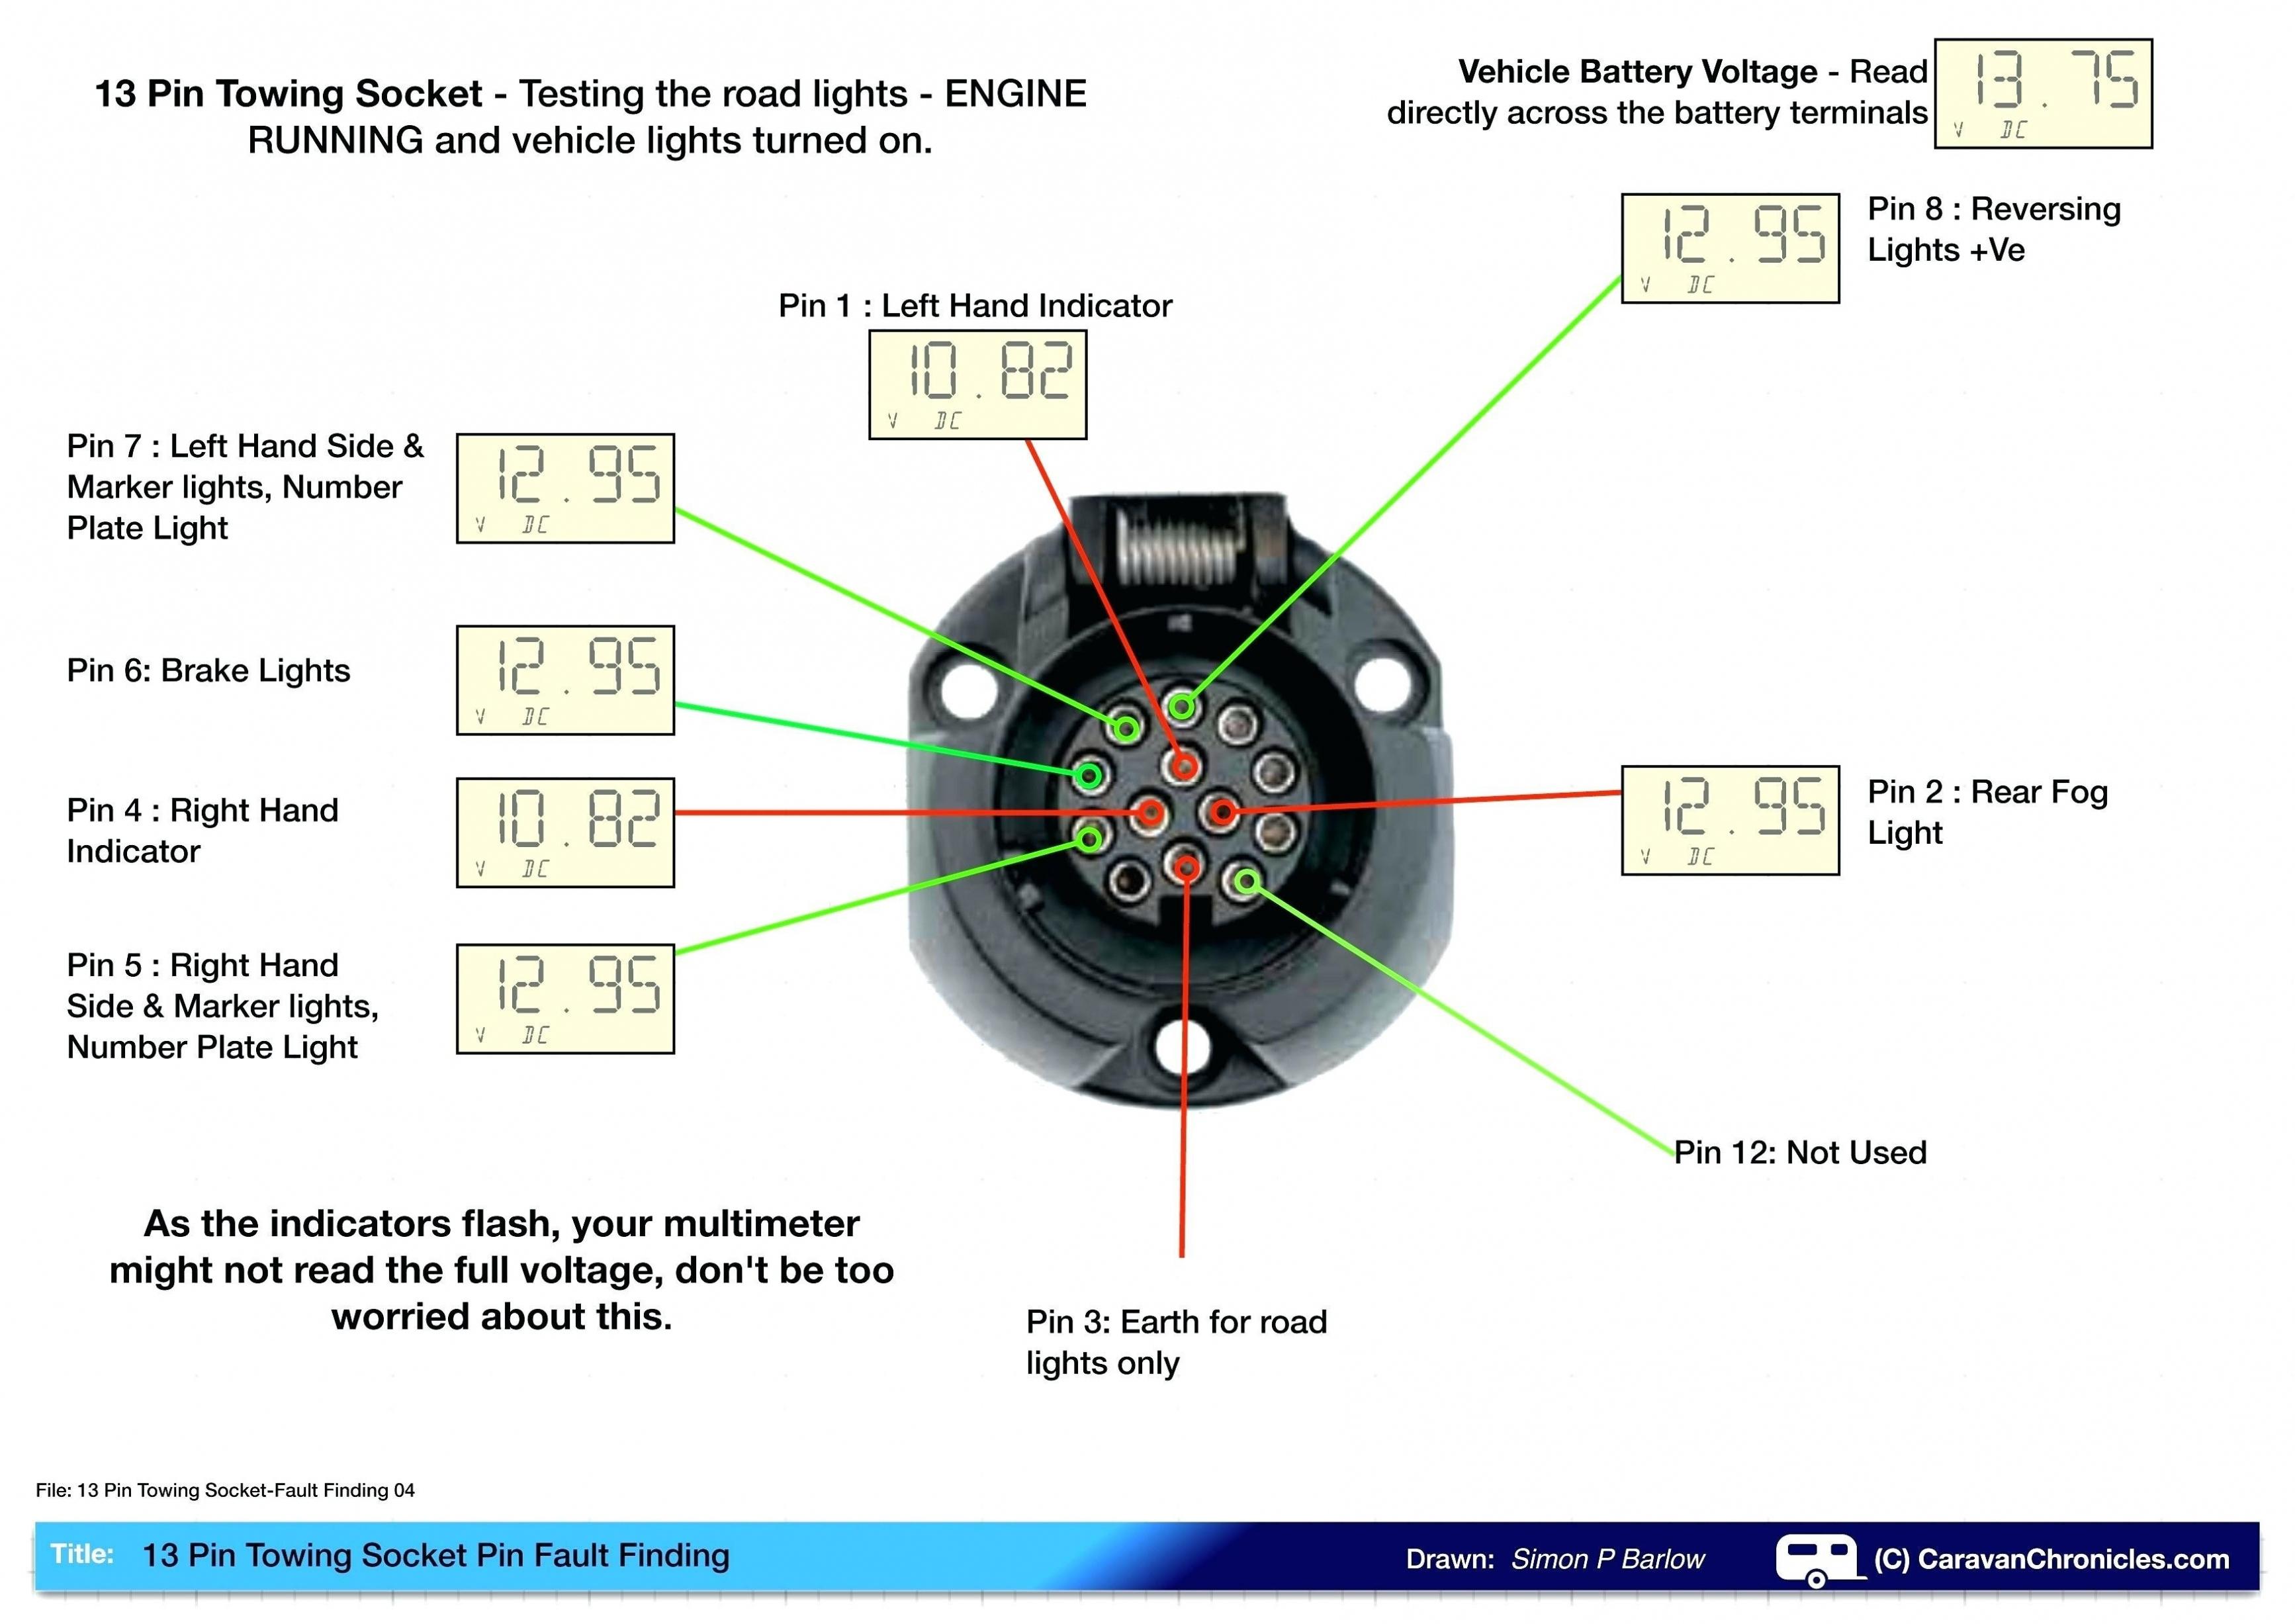 Trailer Connector Wiring Diagram Best Wiring Diagram Rv 7 Way Plug - Trailer Connector Wiring Diagram